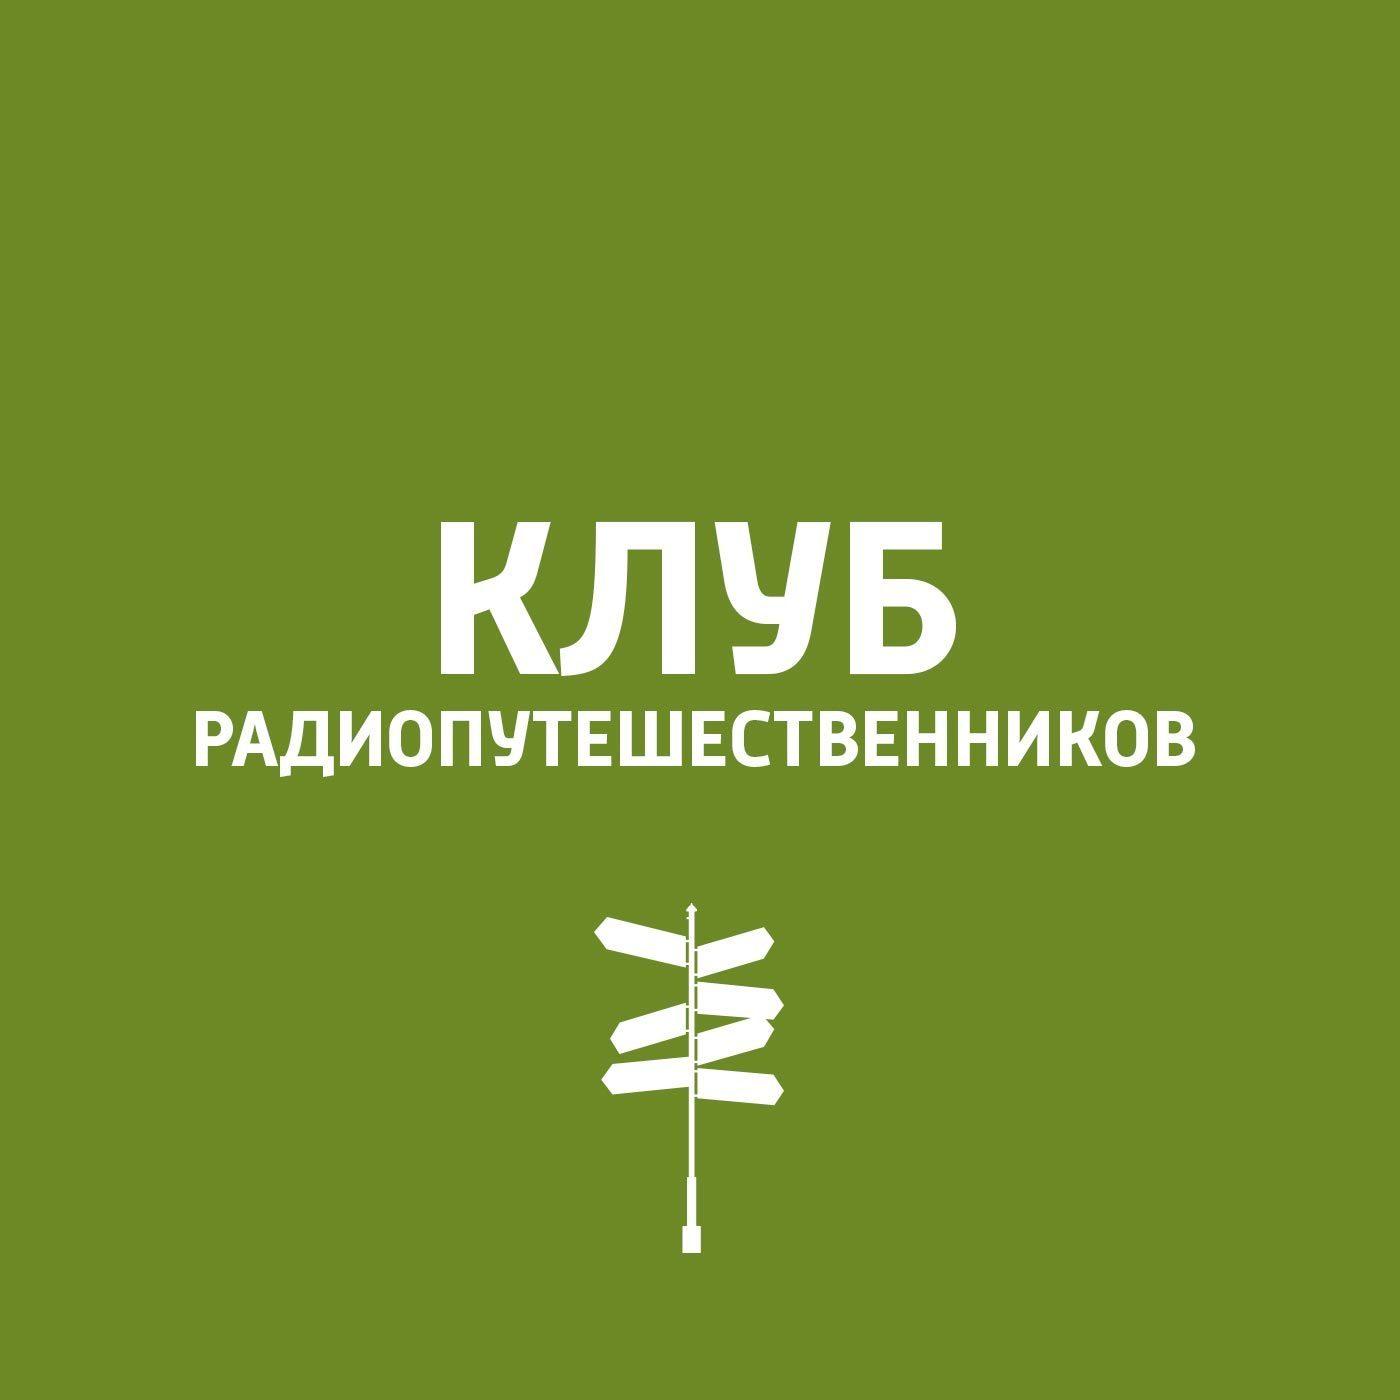 Пётр Фадеев Серпухов